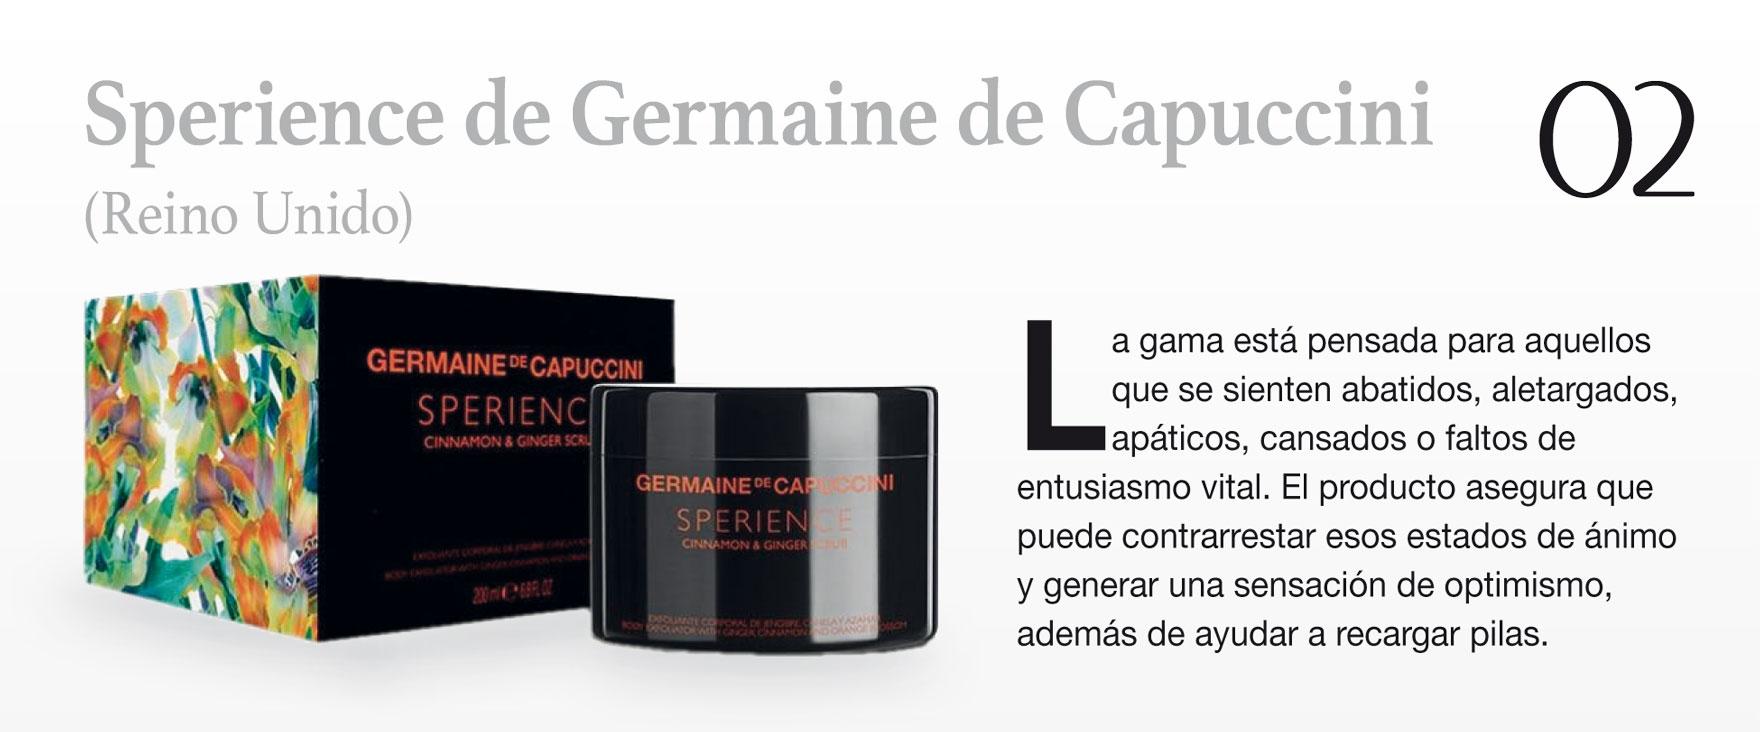 Sperience de Germaine de Capuccini (Reino Unido)